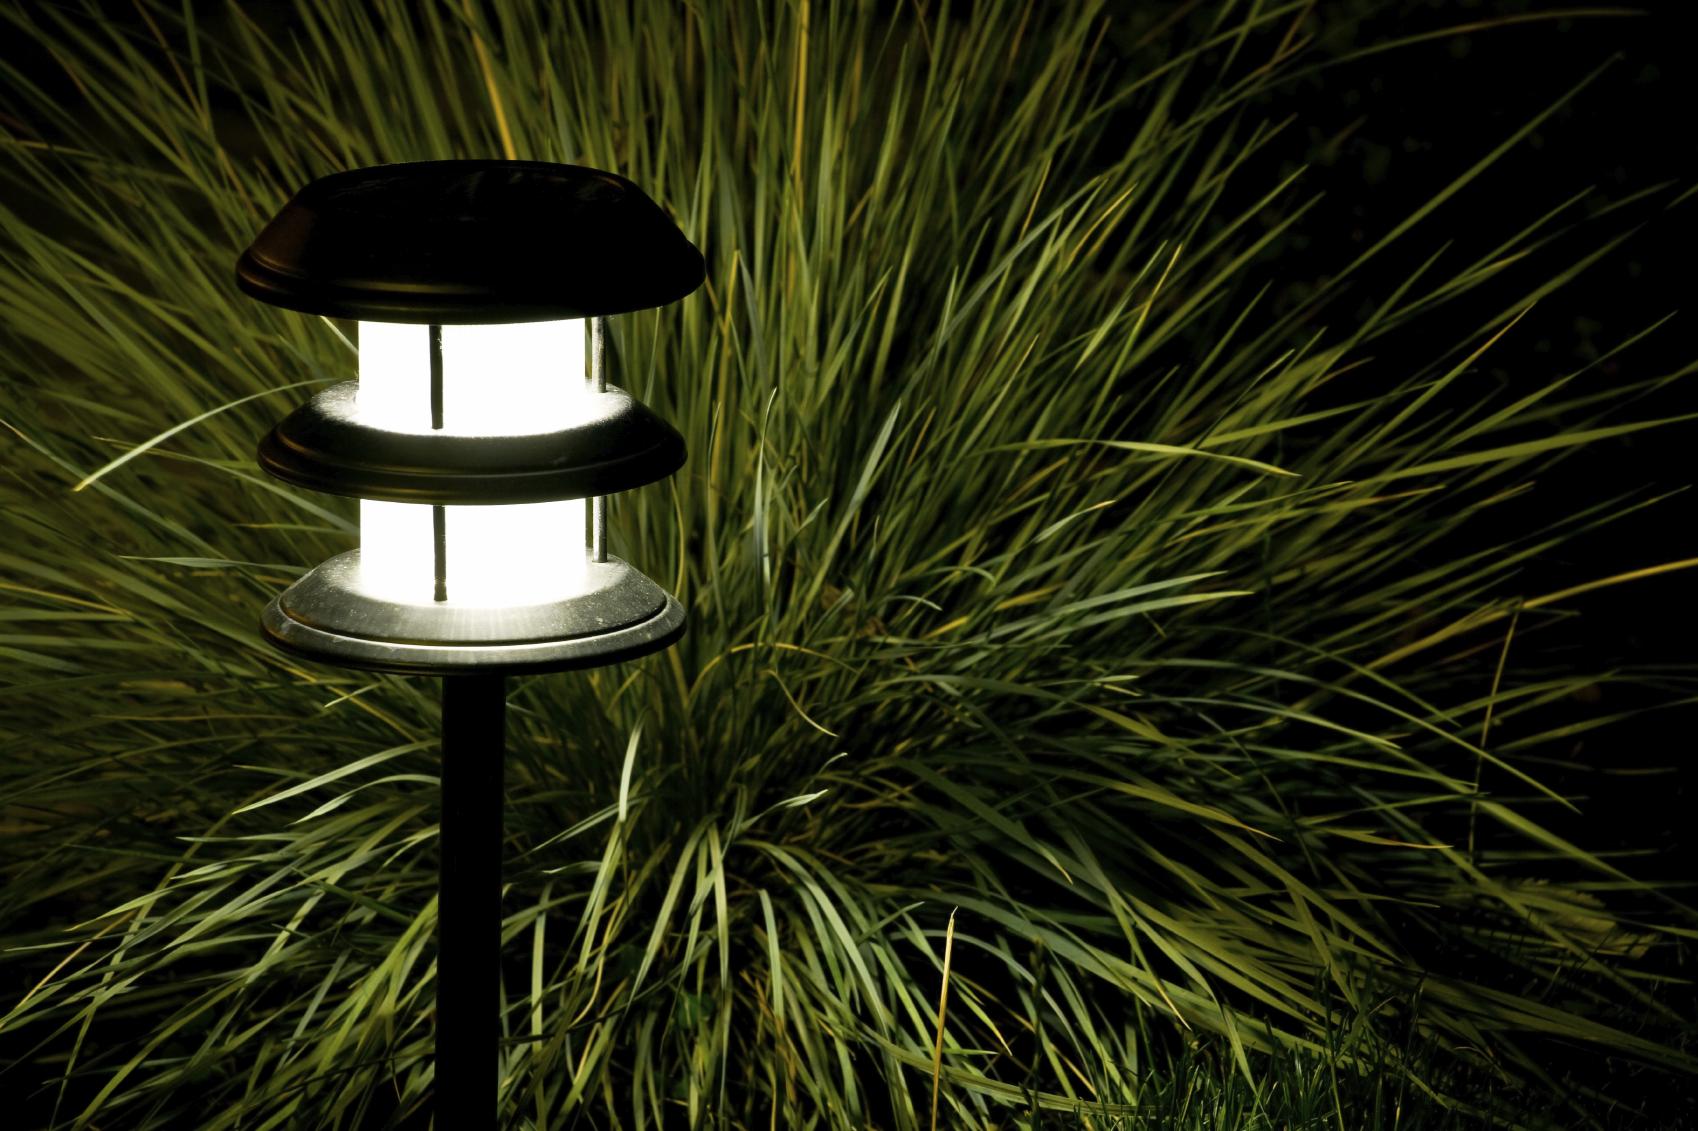 Garten_Lampen_LED_Beleuchtung Verwunderlich Lampen Für Den Garten Dekorationen